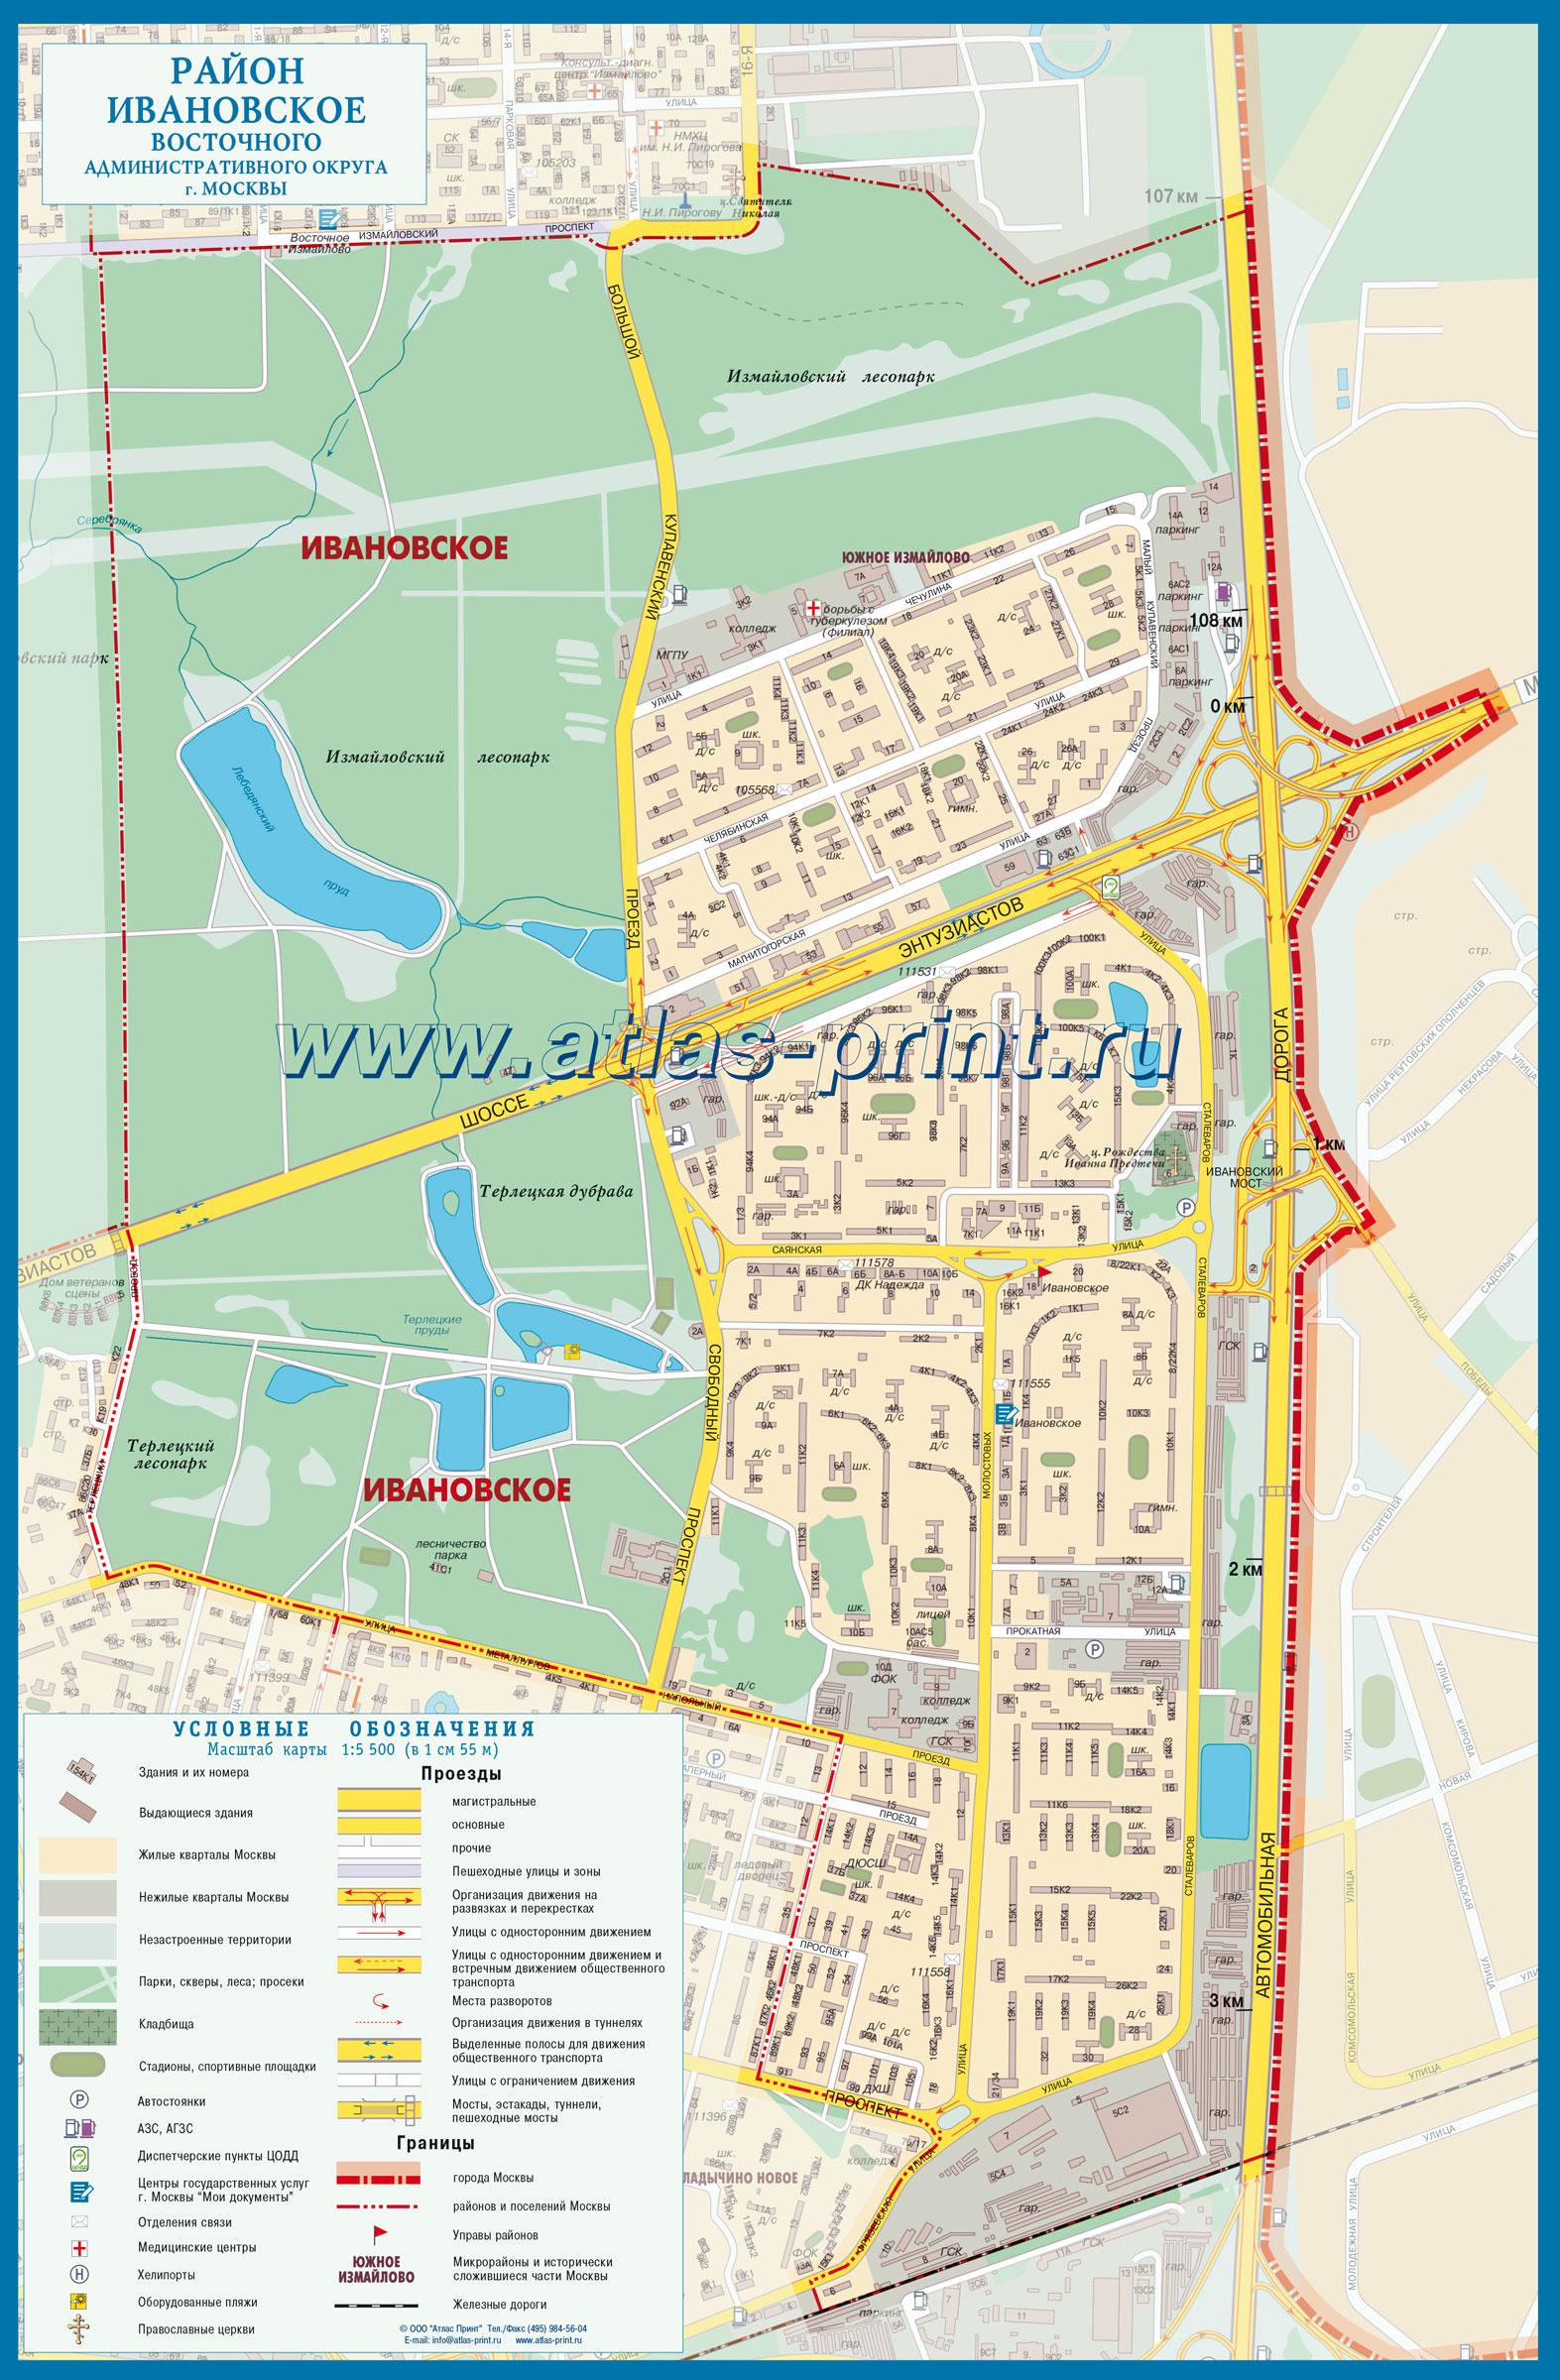 Настенная карта района ИВАНОВСКОЕ (Восточный административный округ г. Москвы) 0,66*1,00м, ламинированная